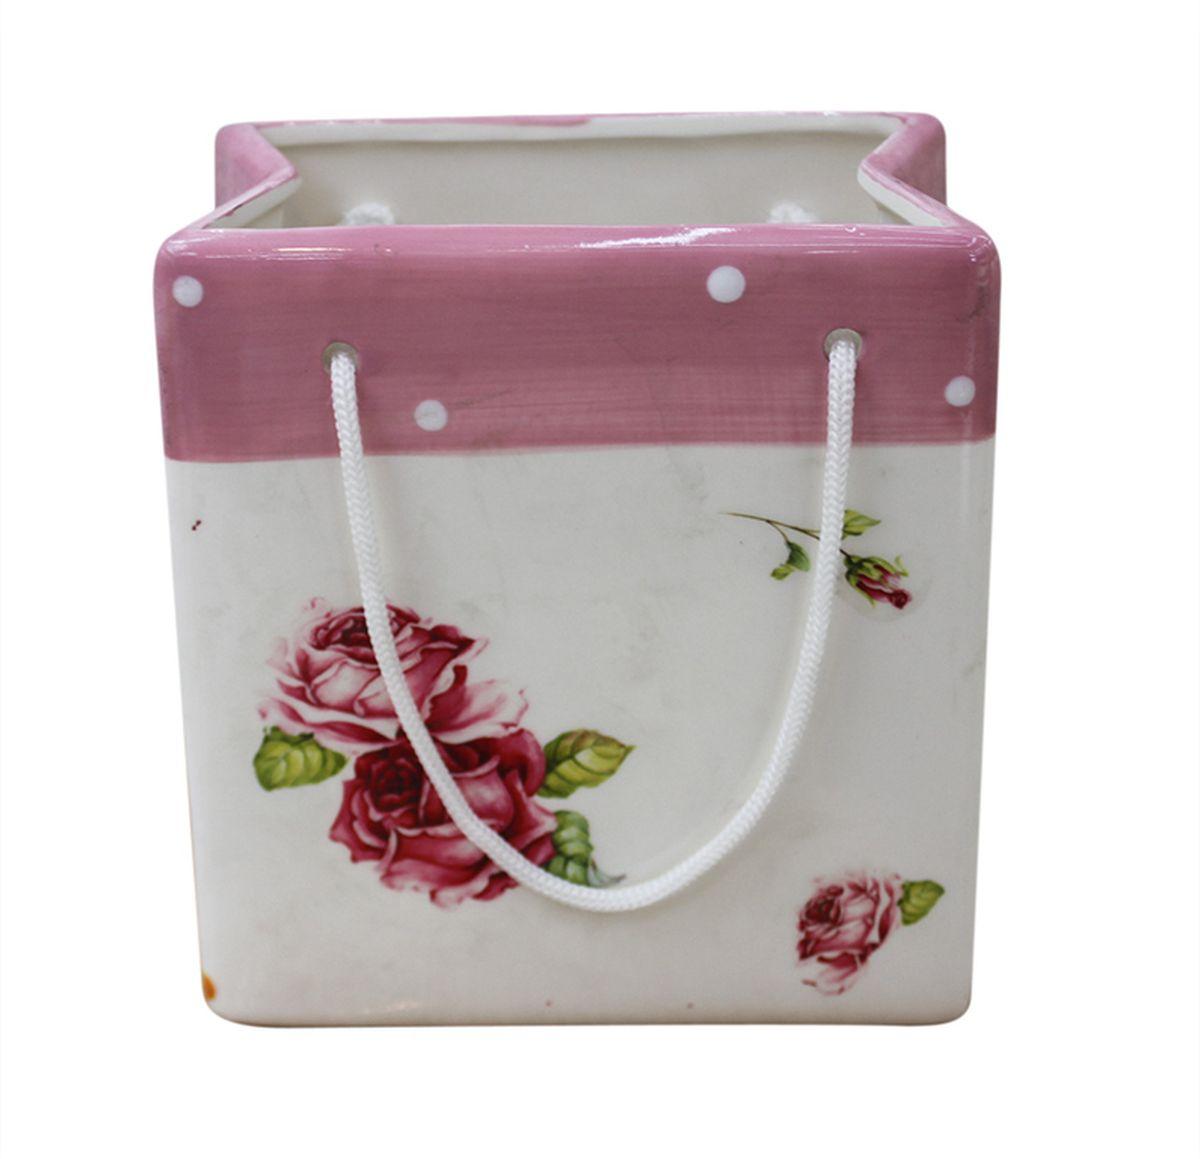 Ваза N/A Пакетик, высота 8,5 смYX12BG38-3RAЭлегантная ваза N/A Пакетик, изготовленная из керамики, выполнена в виде подарочного пакетика с ручками. Такое оформление делает ее изящным украшением интерьера.Ваза N/A Пакетик дополнит интерьер офиса или дома и станет желанным и стильным подарком.Размер вазы: 8 х 5,5 х 8,5 см.